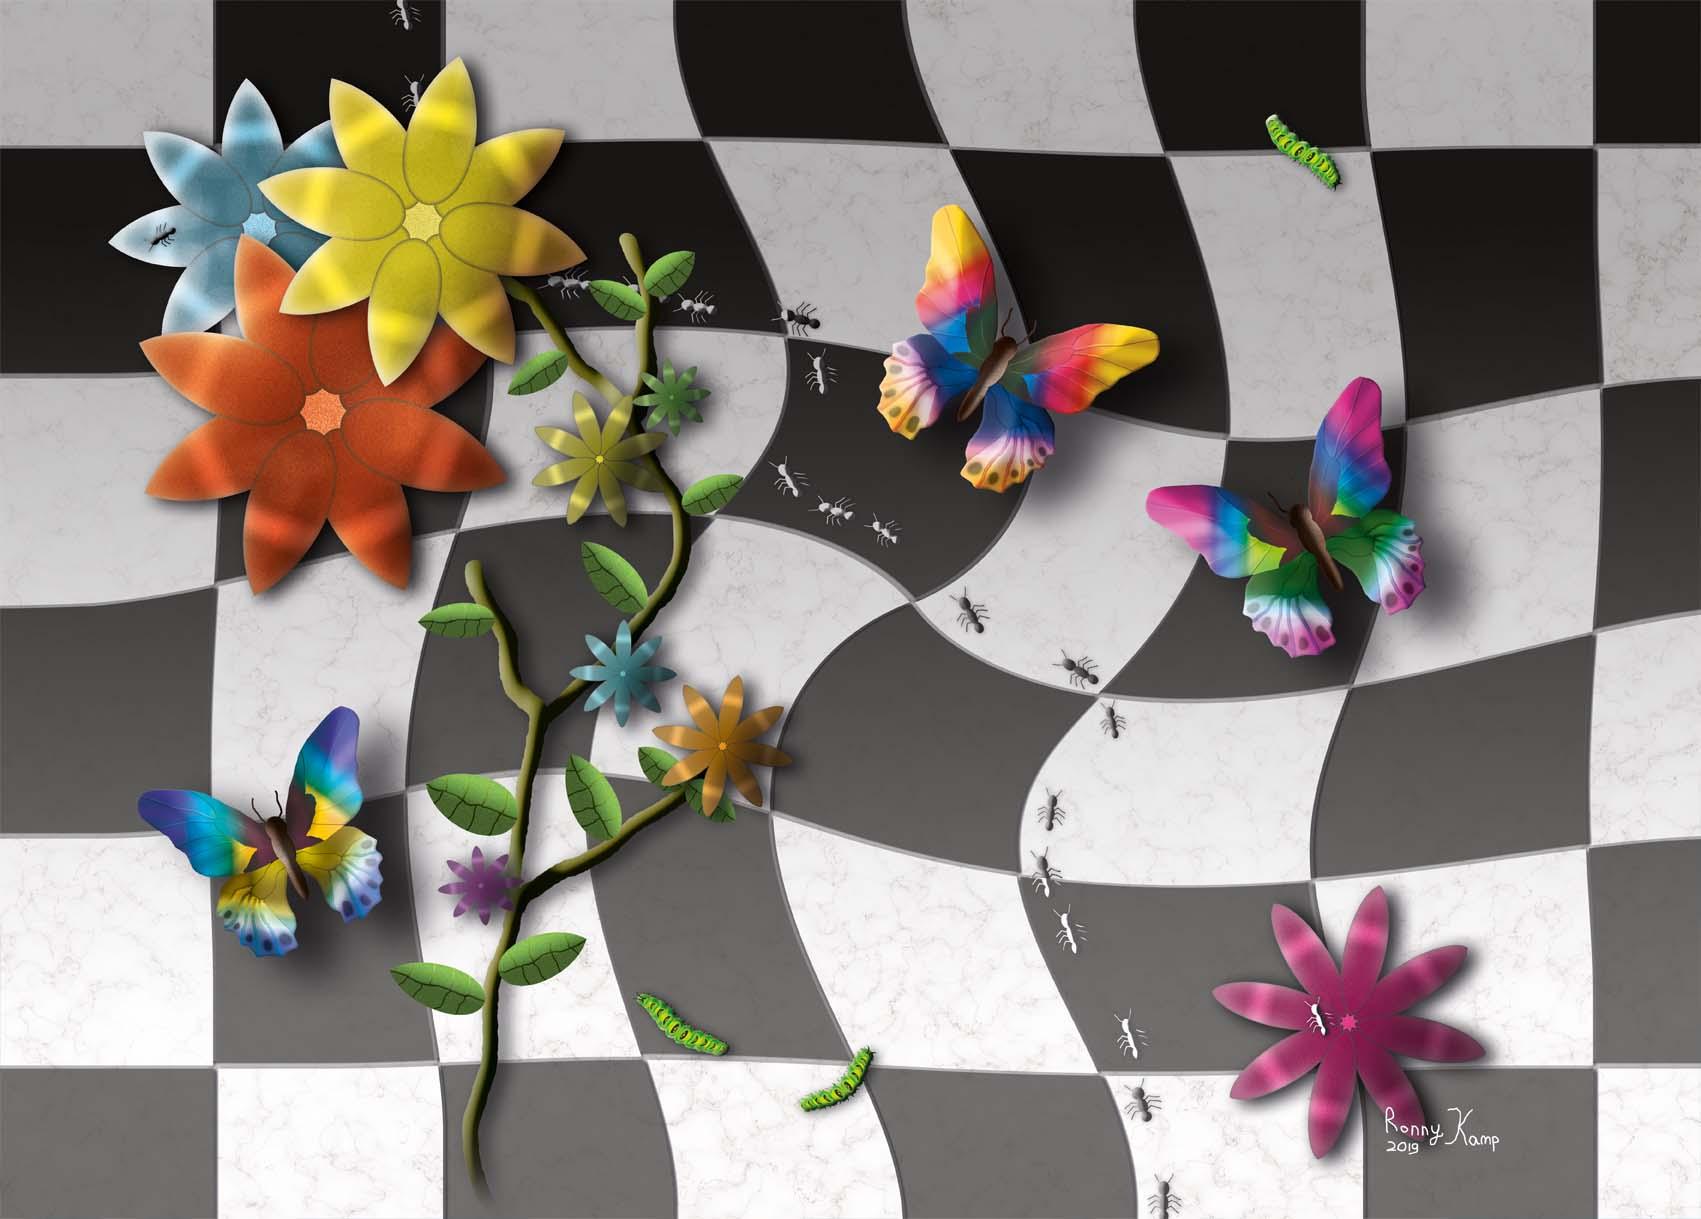 Vlinders met bloemen en mieren op geblokte tegels. Een speels en vrolijk geheel met mooie kleuren. Mieren volgen de lijn van de vervormde vloer.